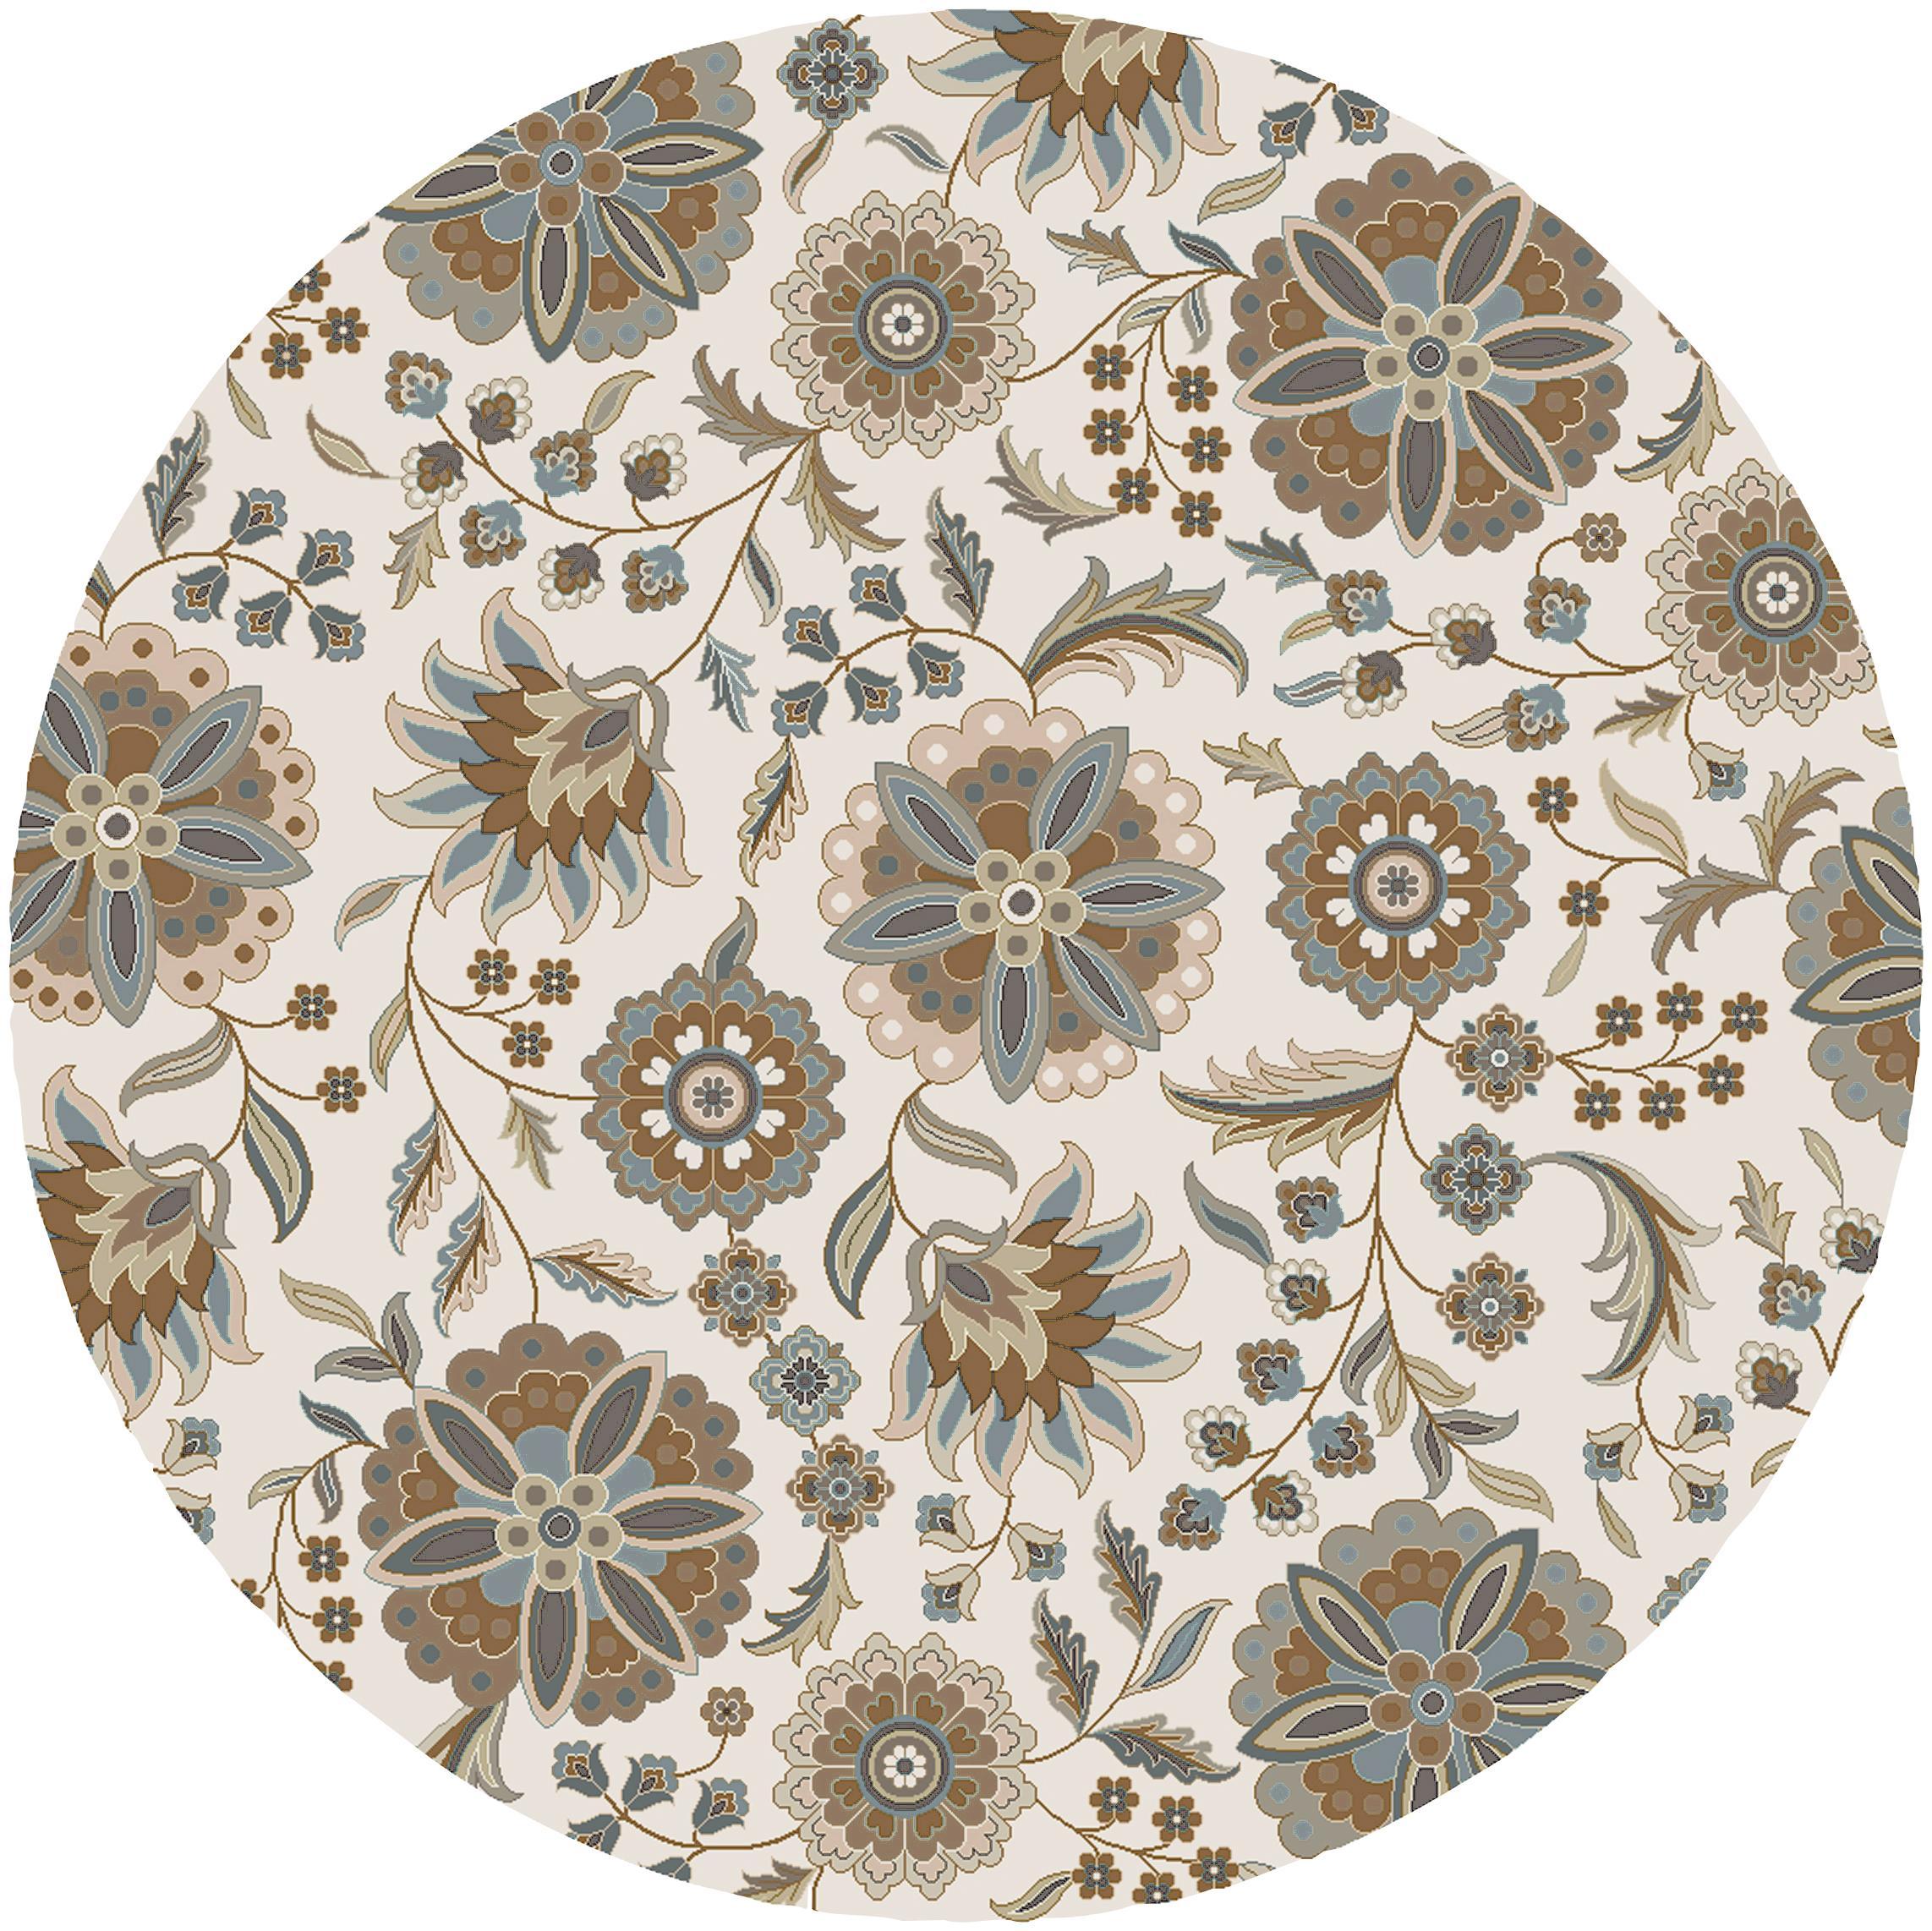 Surya Athena 6' Round - Item Number: ATH5063-6RD